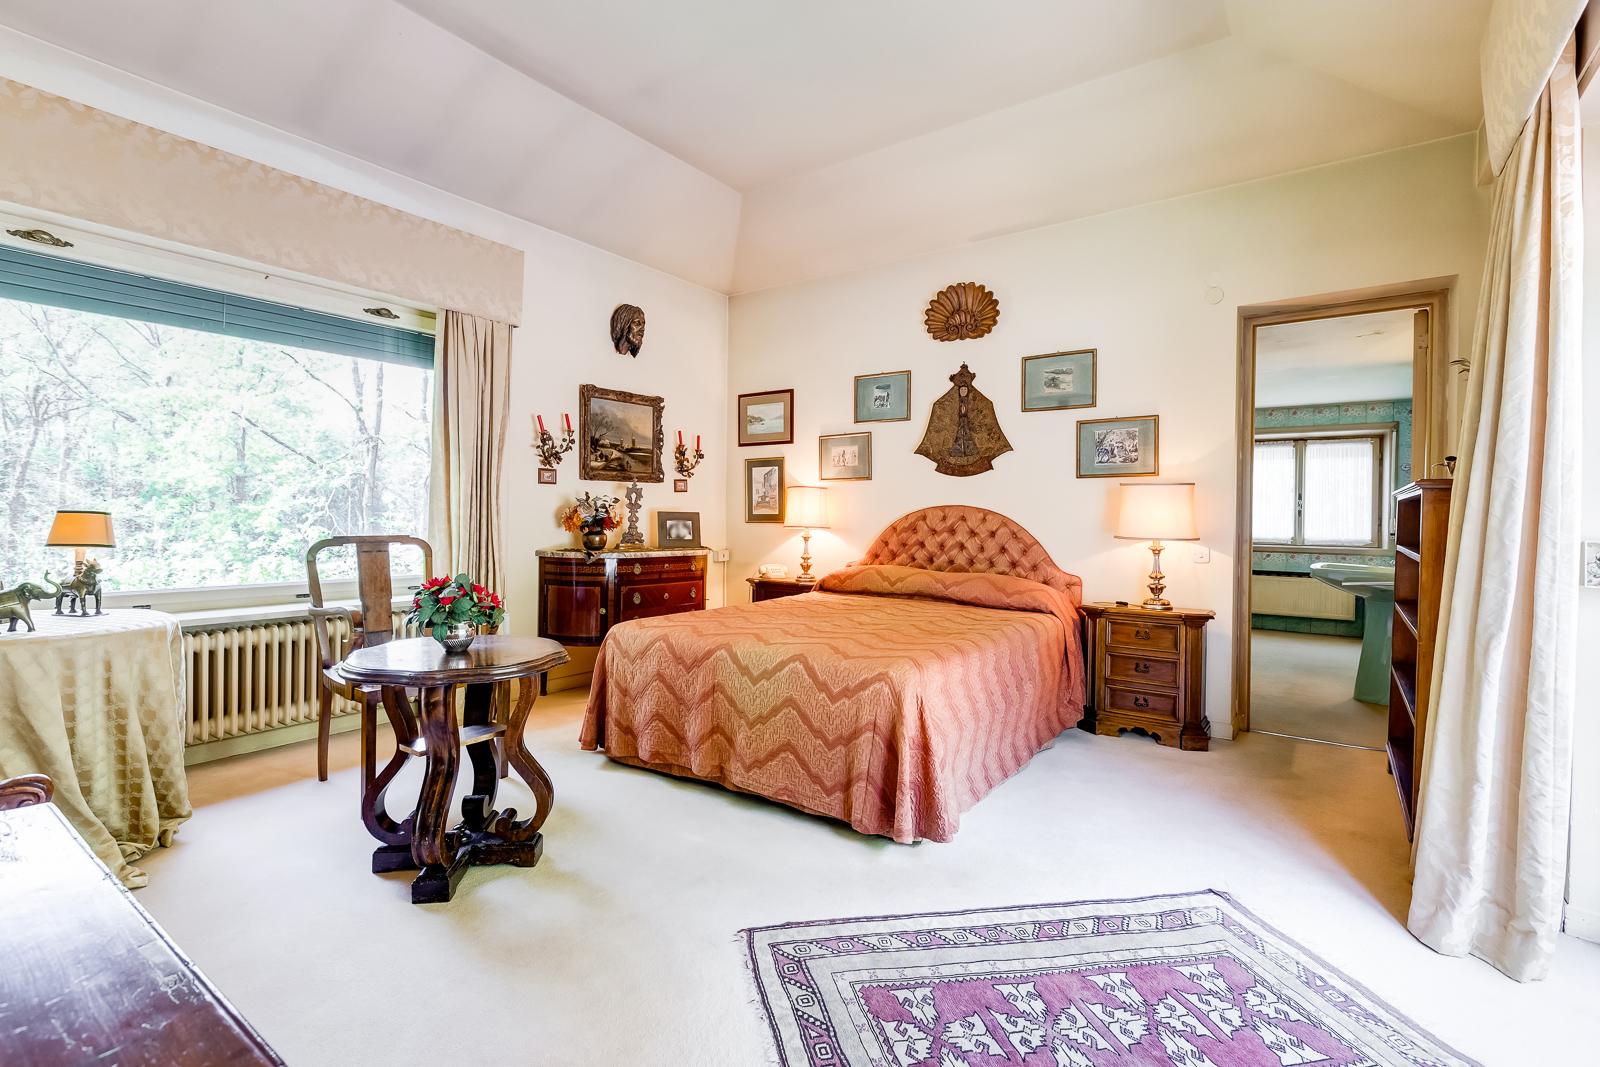 camera da letto della suite padronale